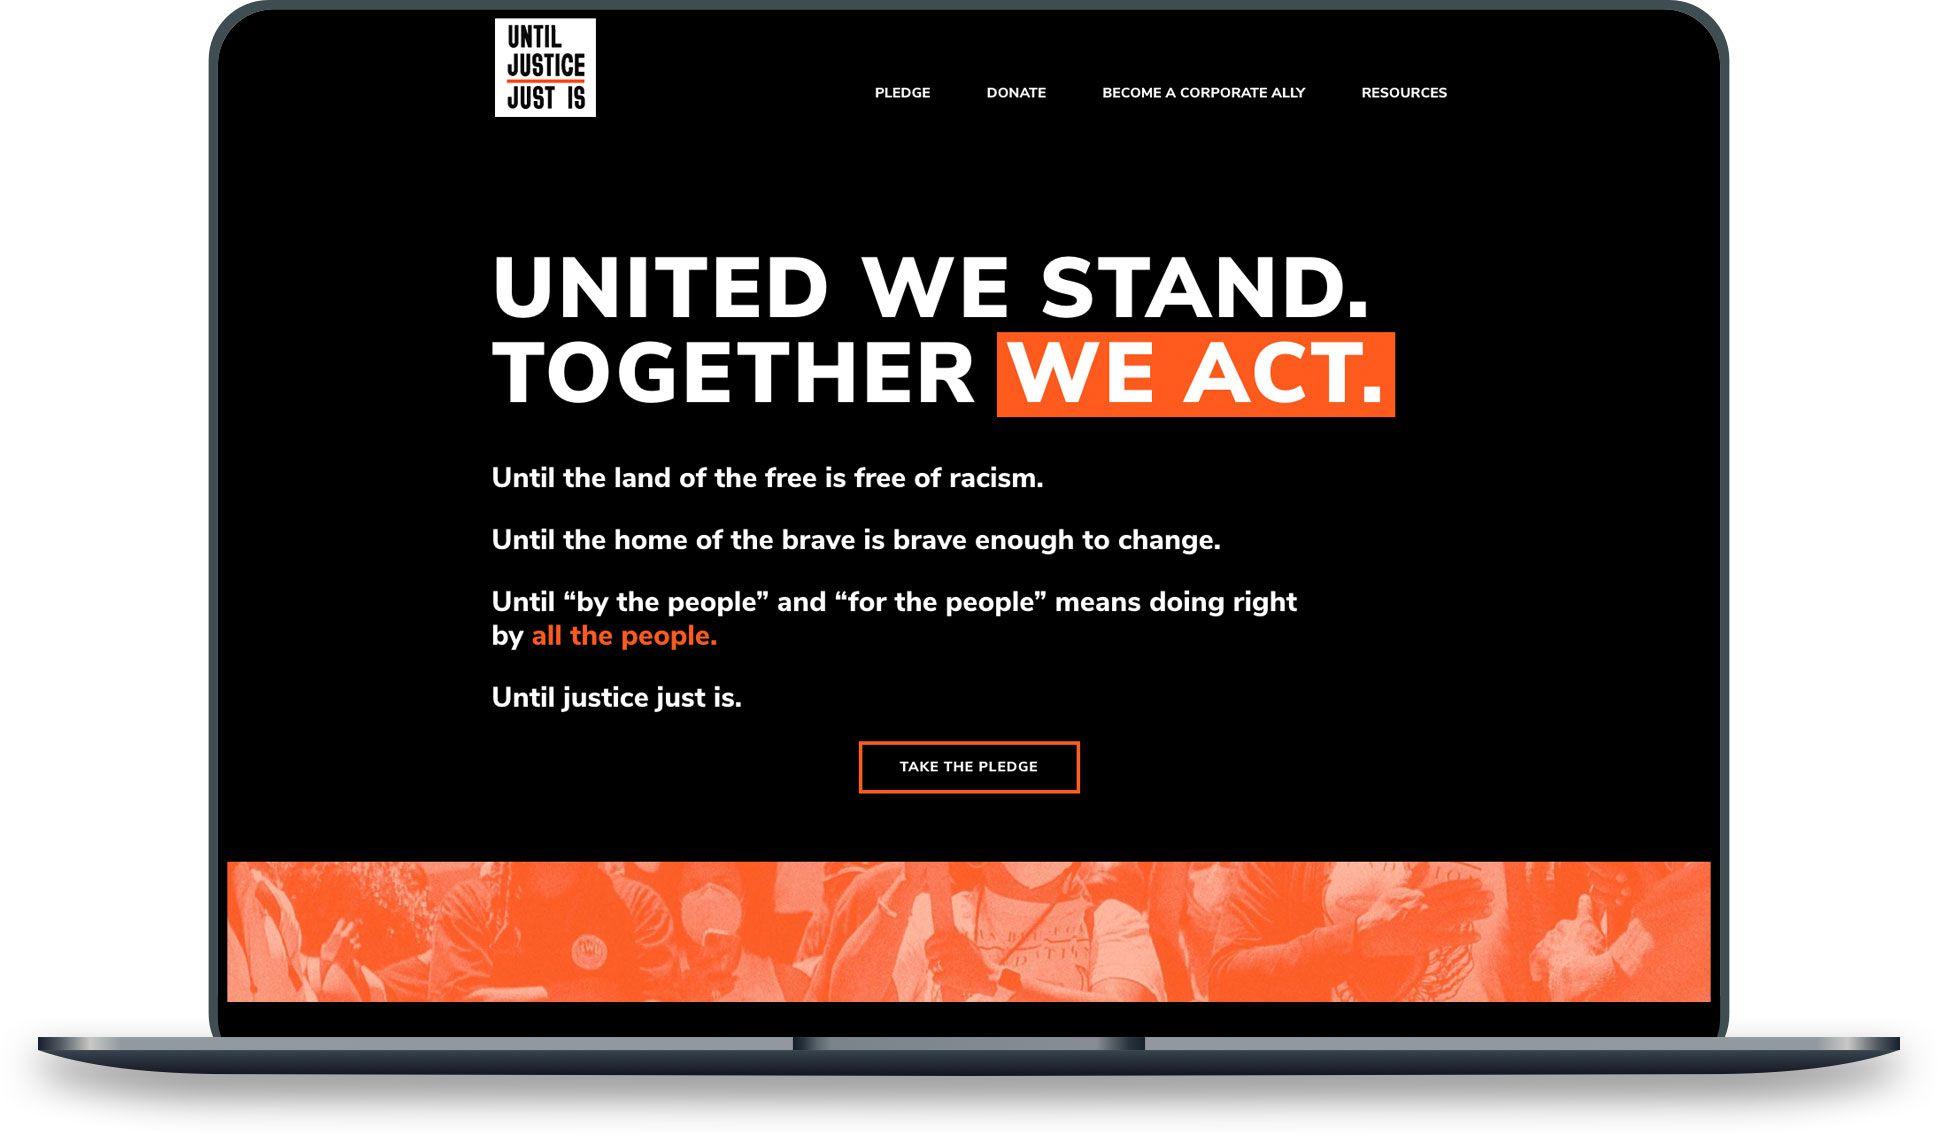 Until Justice Just Is website design